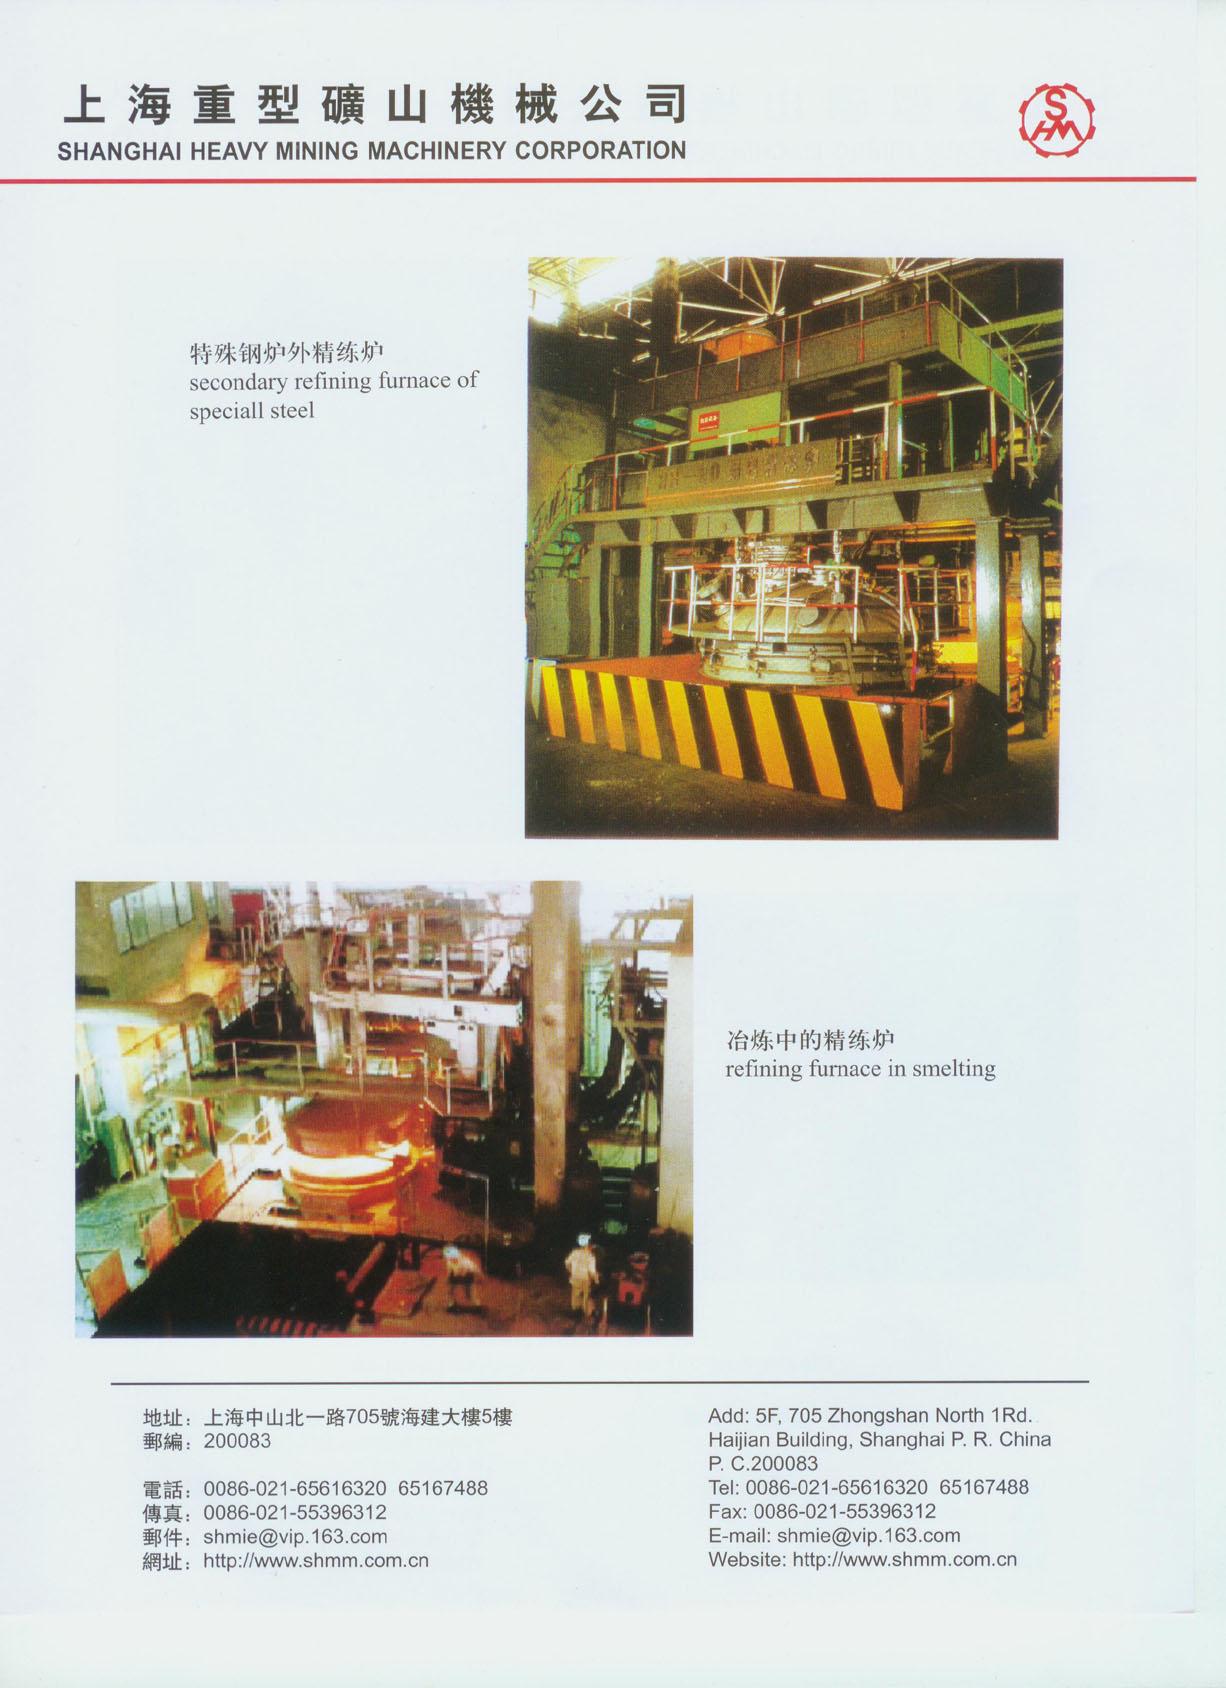 Smelt equipment